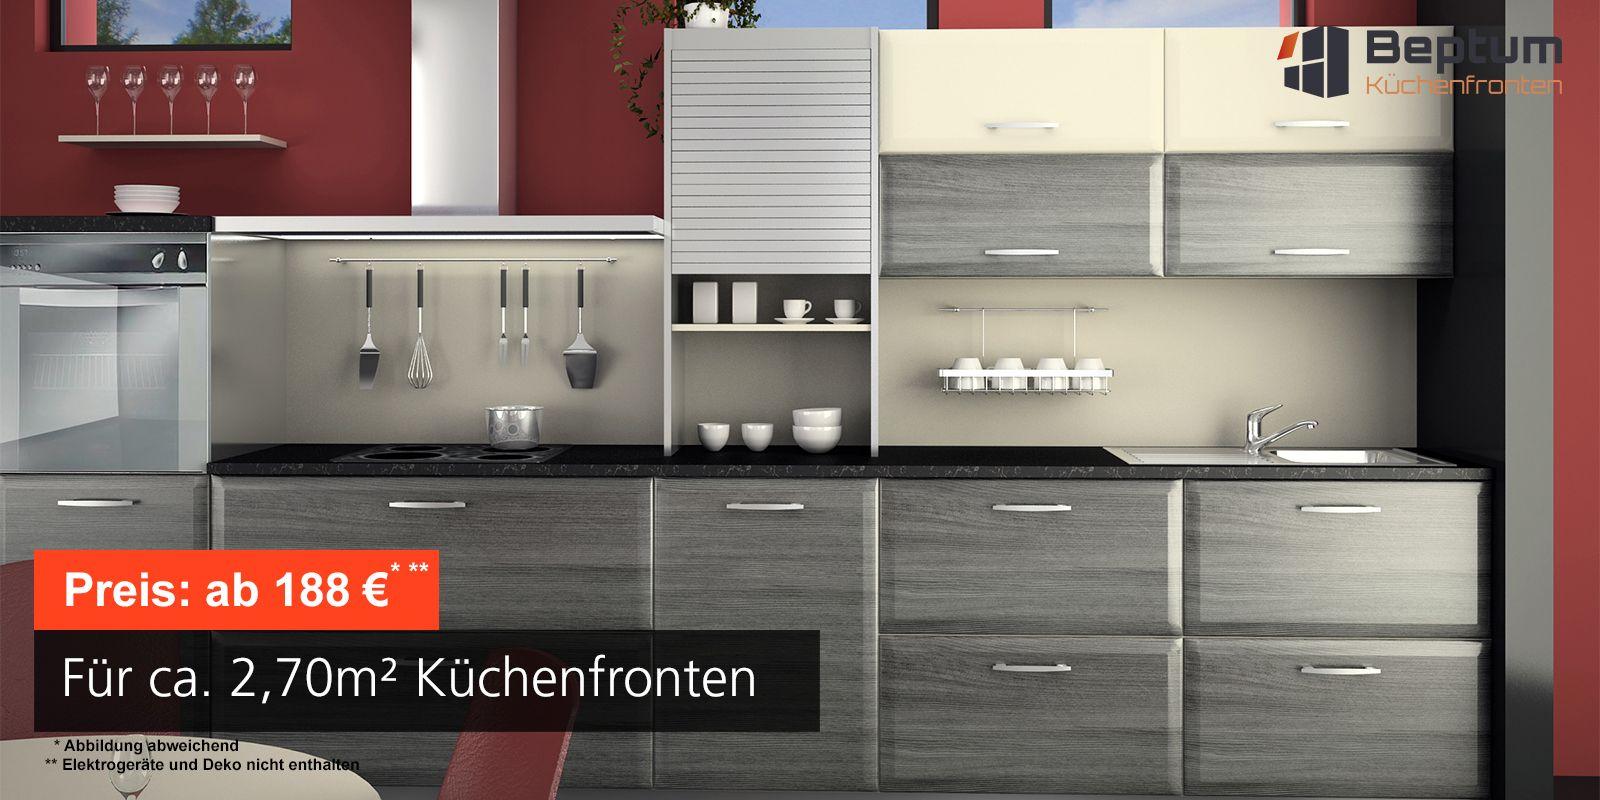 küchenfronten nach maß - direkt vom hersteller beptum